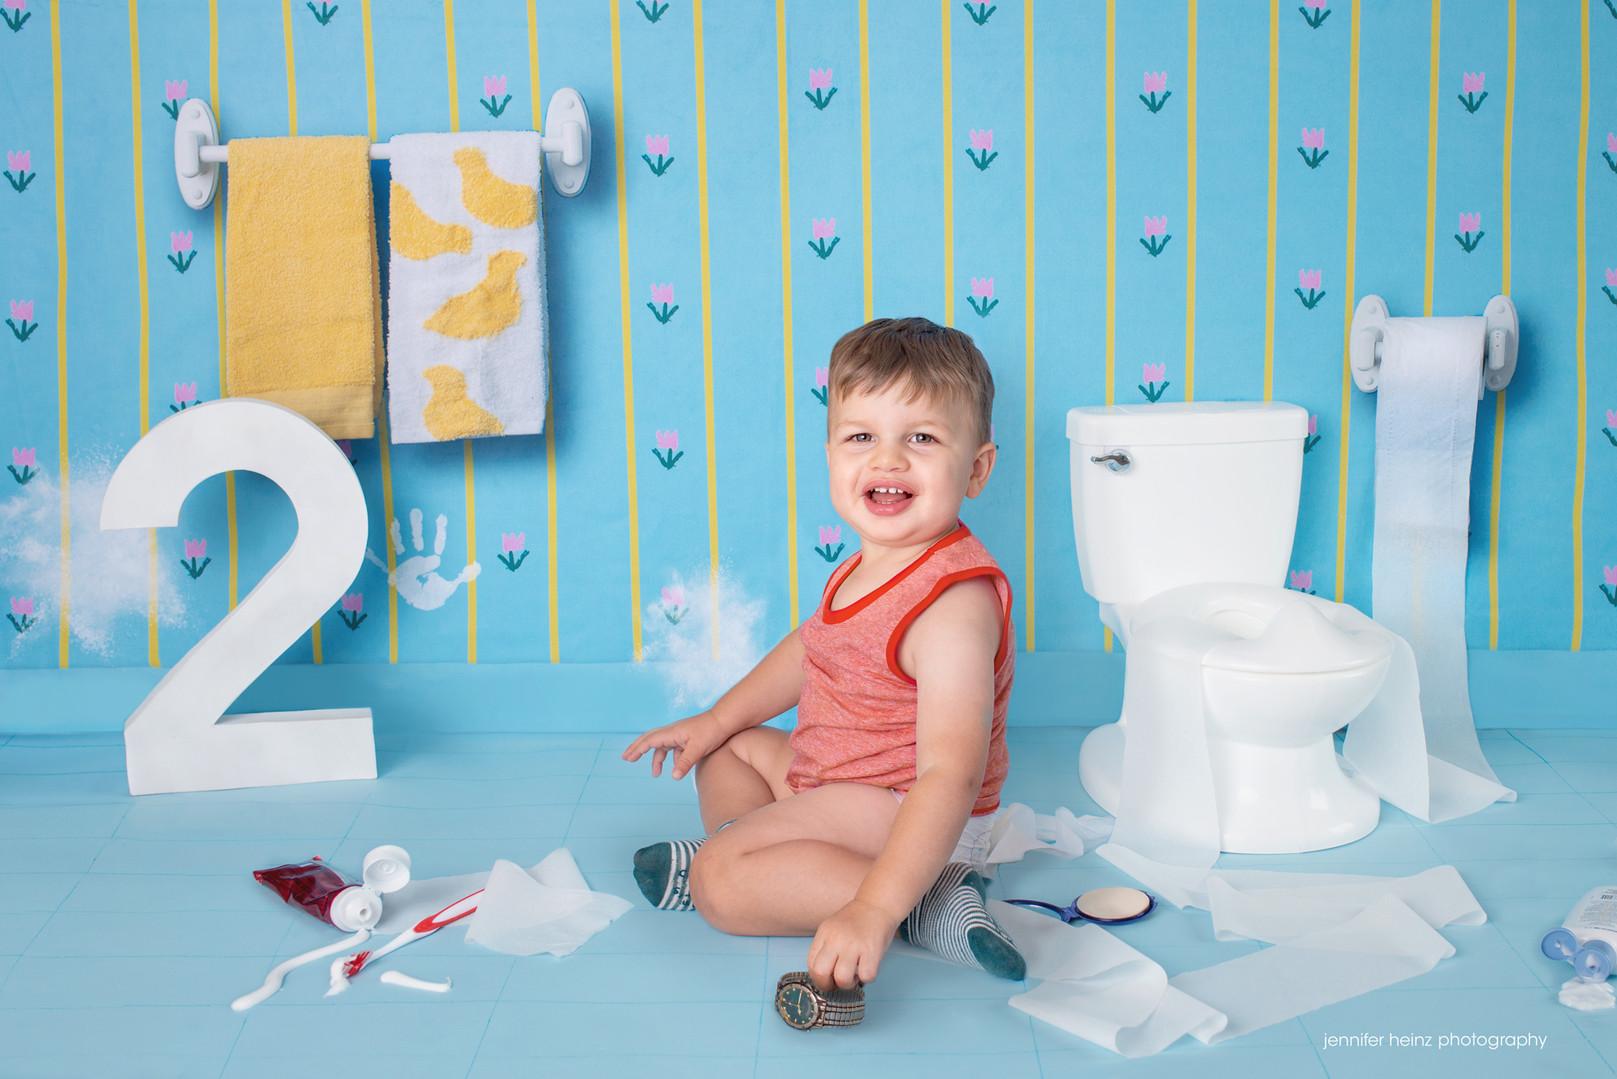 chester-county-photographer-bathroom.jpg